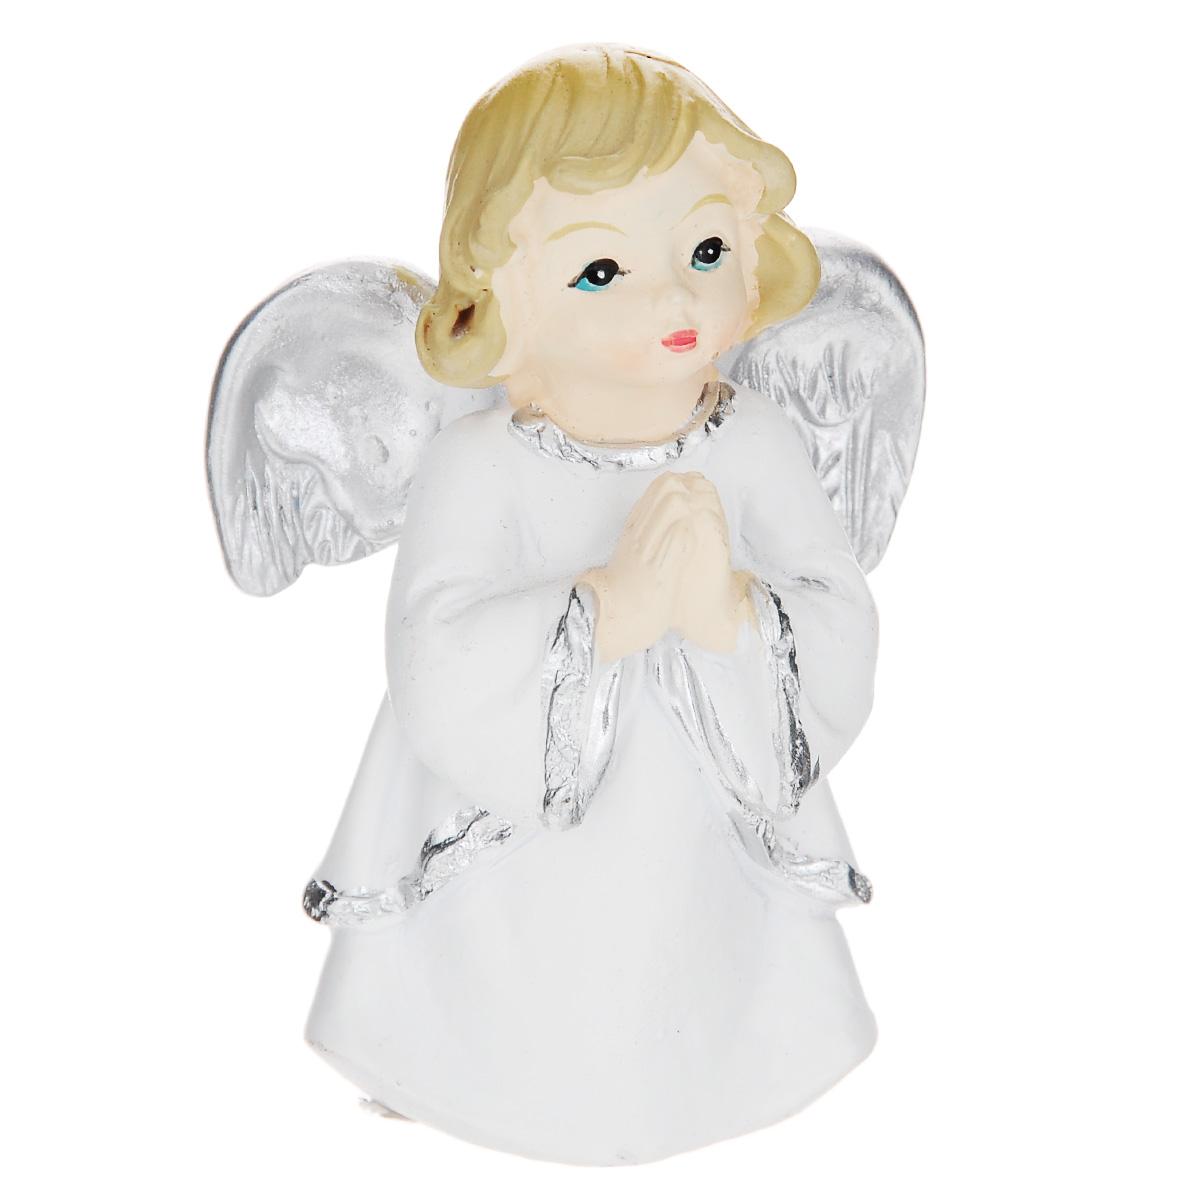 Фигурка декоративная Home Queen Будь моим, высота 7 см66574Декоративная фигурка Home Queen Будь моим изготовлена из керамики в виде ангелочка. Изделие упаковано в подарочную картонную сумочку. Такая фигурка станет милым приятным сувениром и порадует получателя.